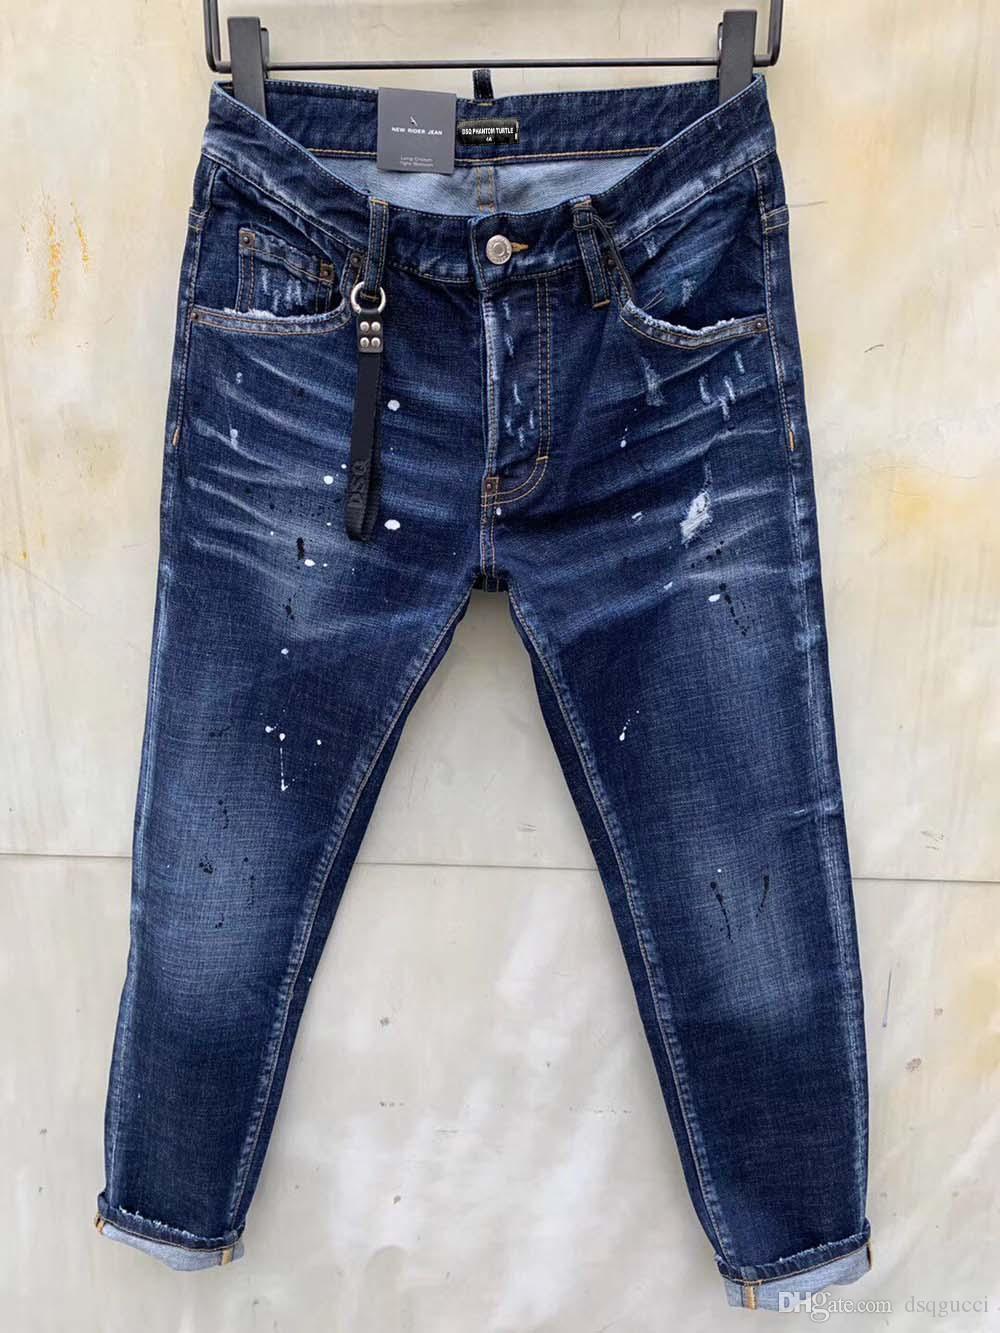 DSQ PHANTOM TURTLE classico della moda uomo Jeans Hip hop Rock Moto Mens disegno casuale jeans strappati Distressed Skinny Denim Jeans Biker DSQ 6961